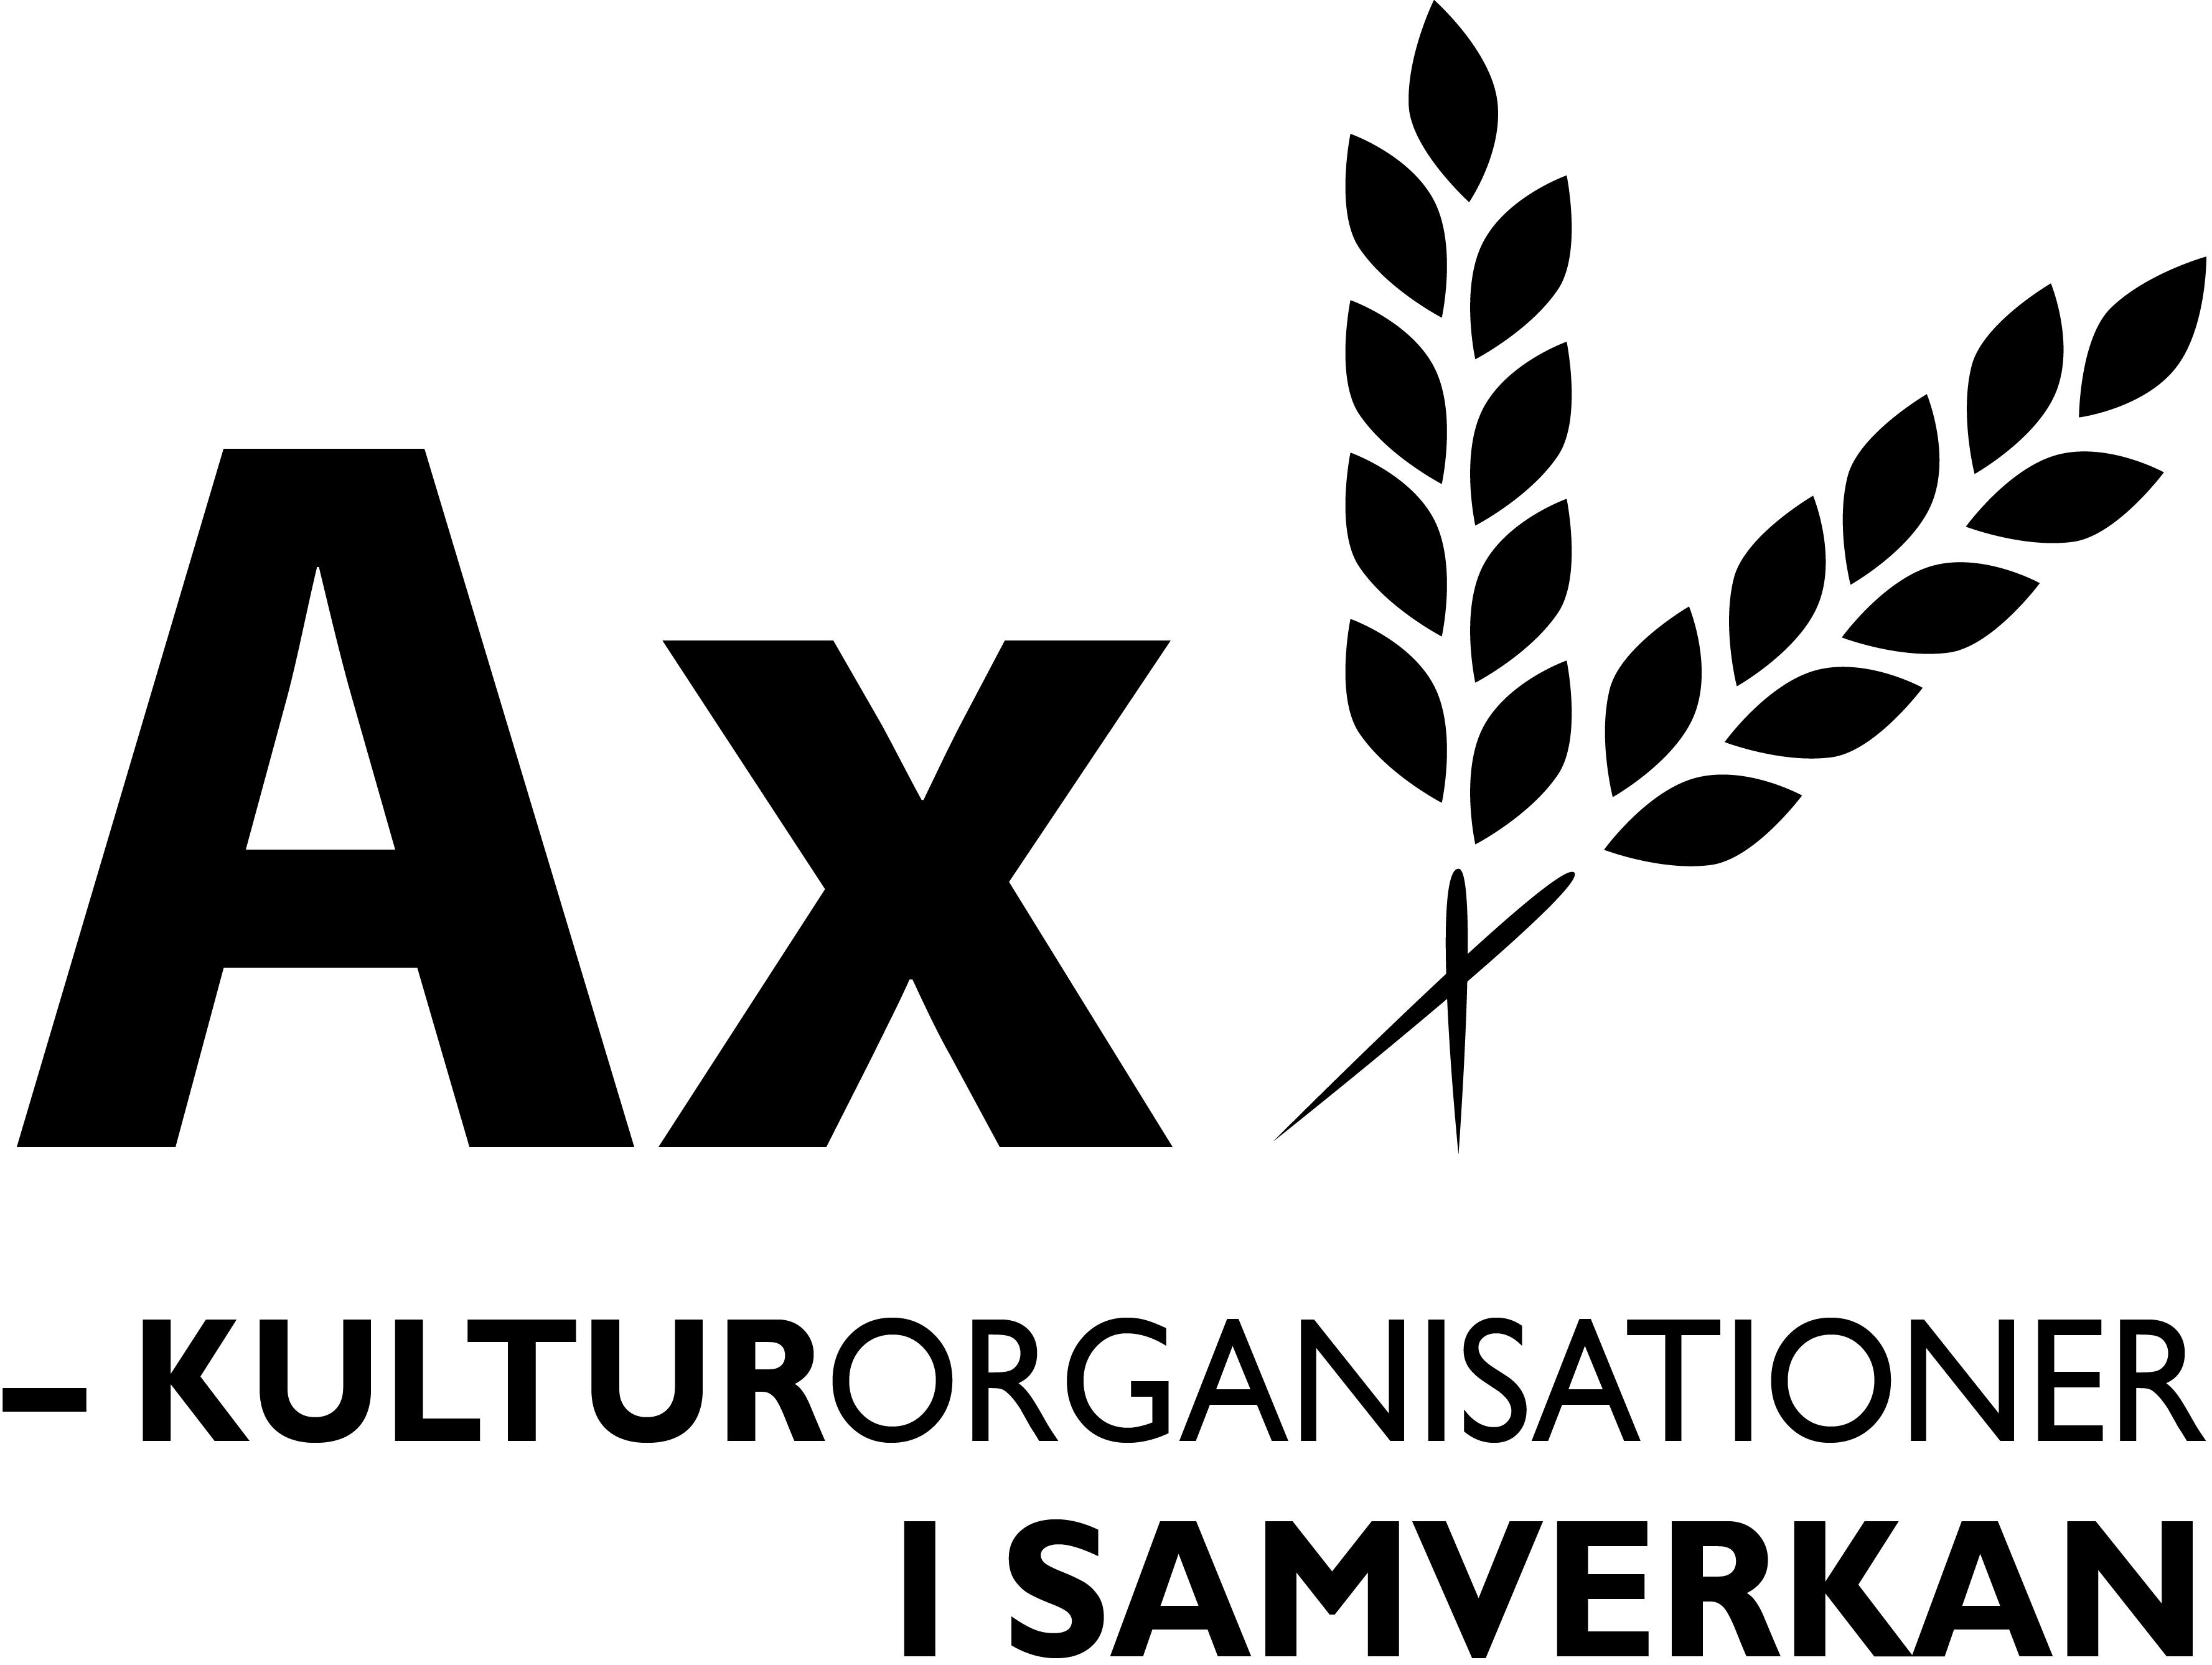 Ax – Kulturorganisationer i samverkan